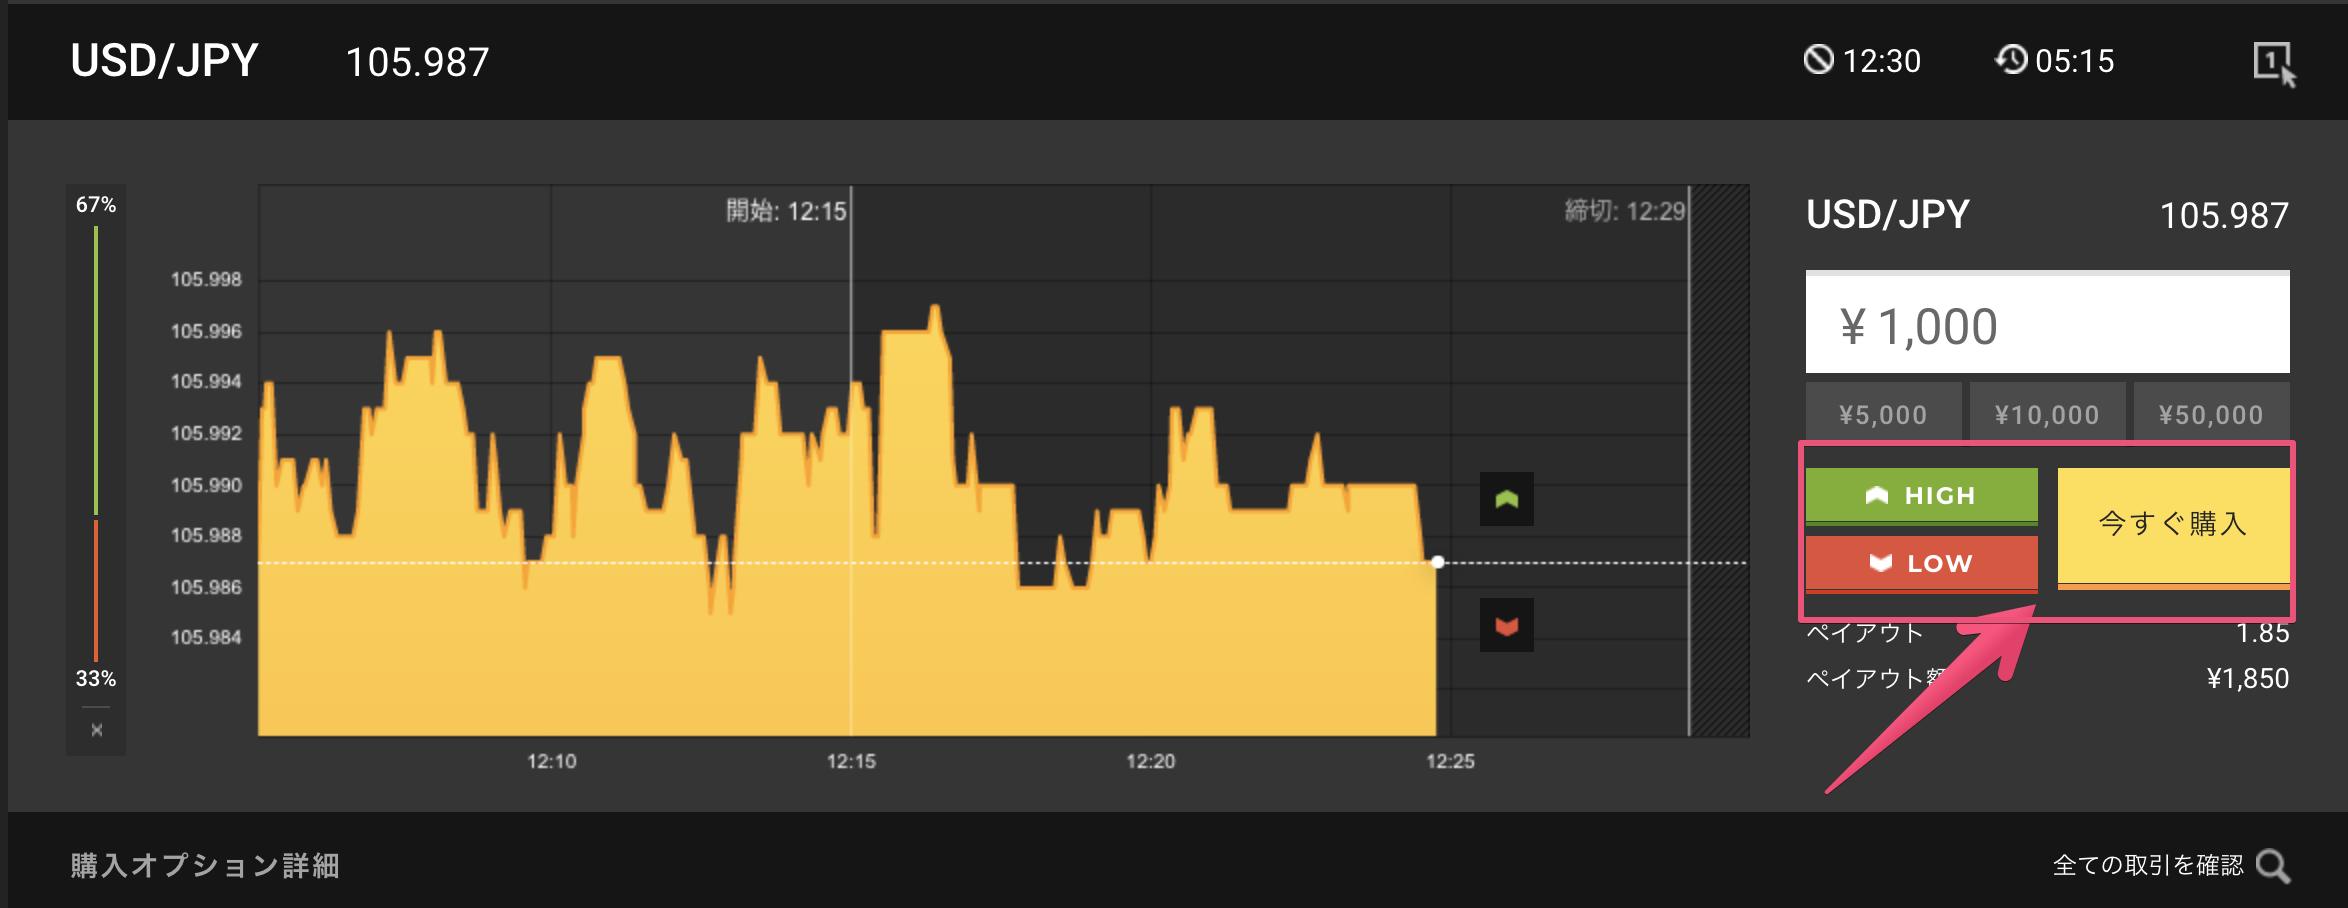 ハイローオーストラリアの取引方法を矢印付きで解説したスクリーンショットです